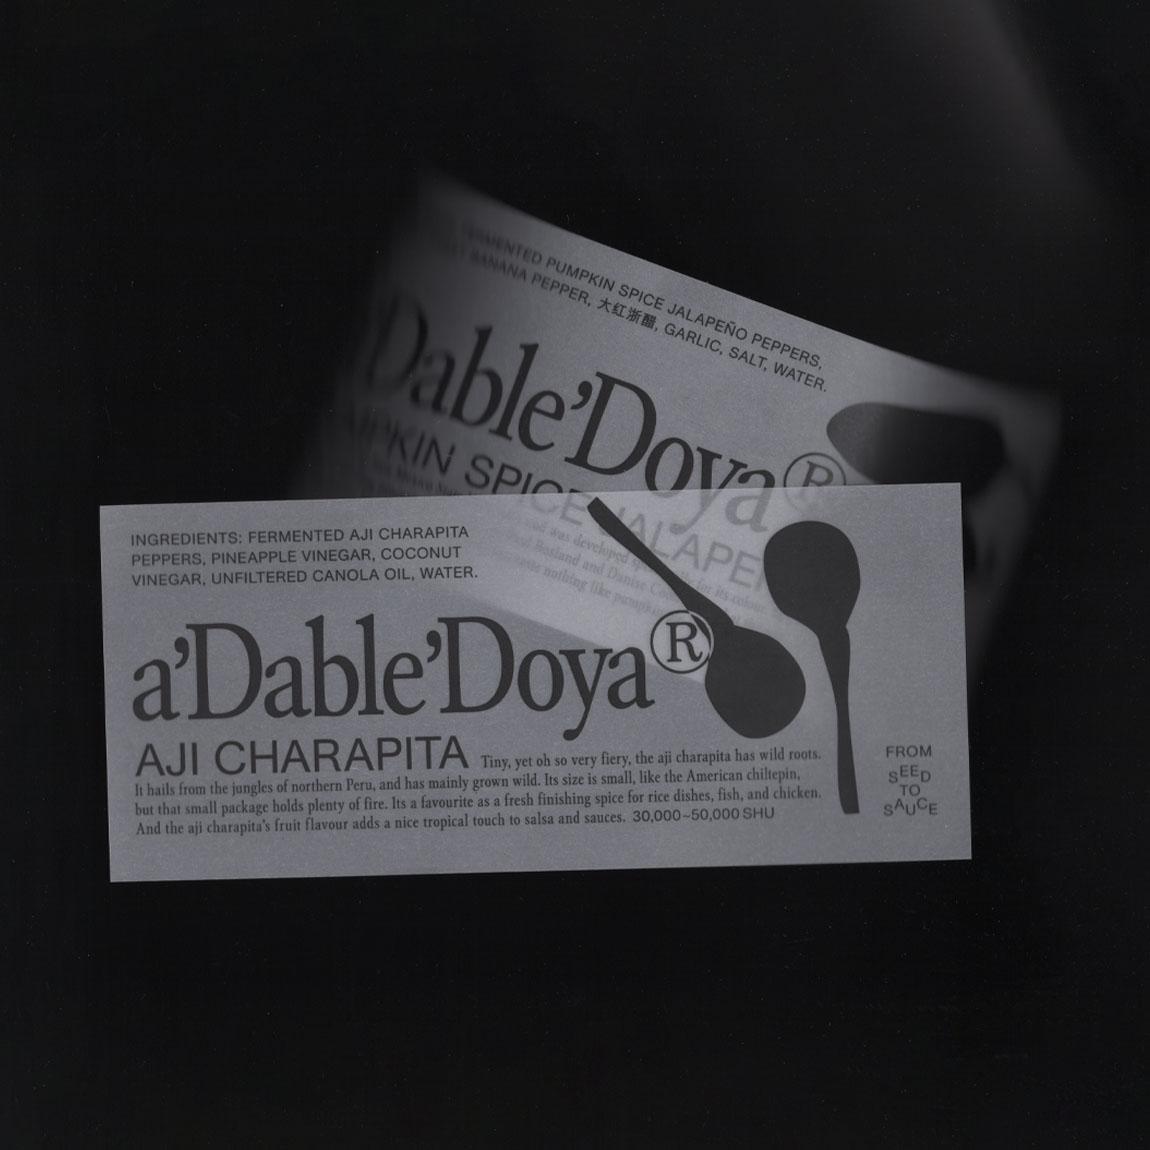 a'Dable'Doya